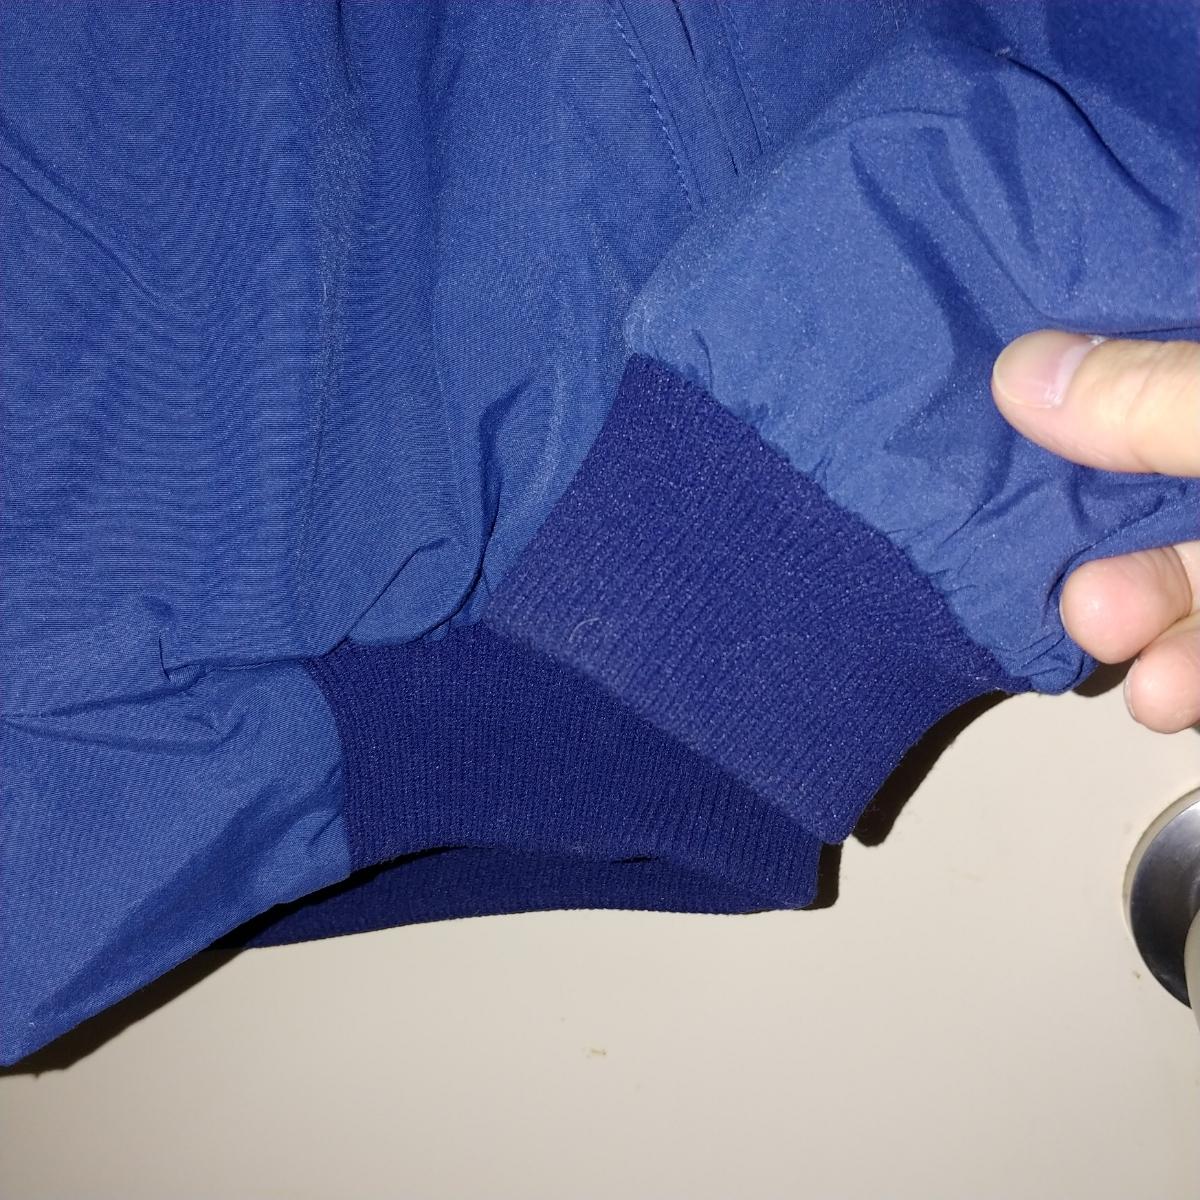 美品! パタゴニア シェルド シンチラ JKT size M レトロ MARS 日本製 三角タグ_画像8